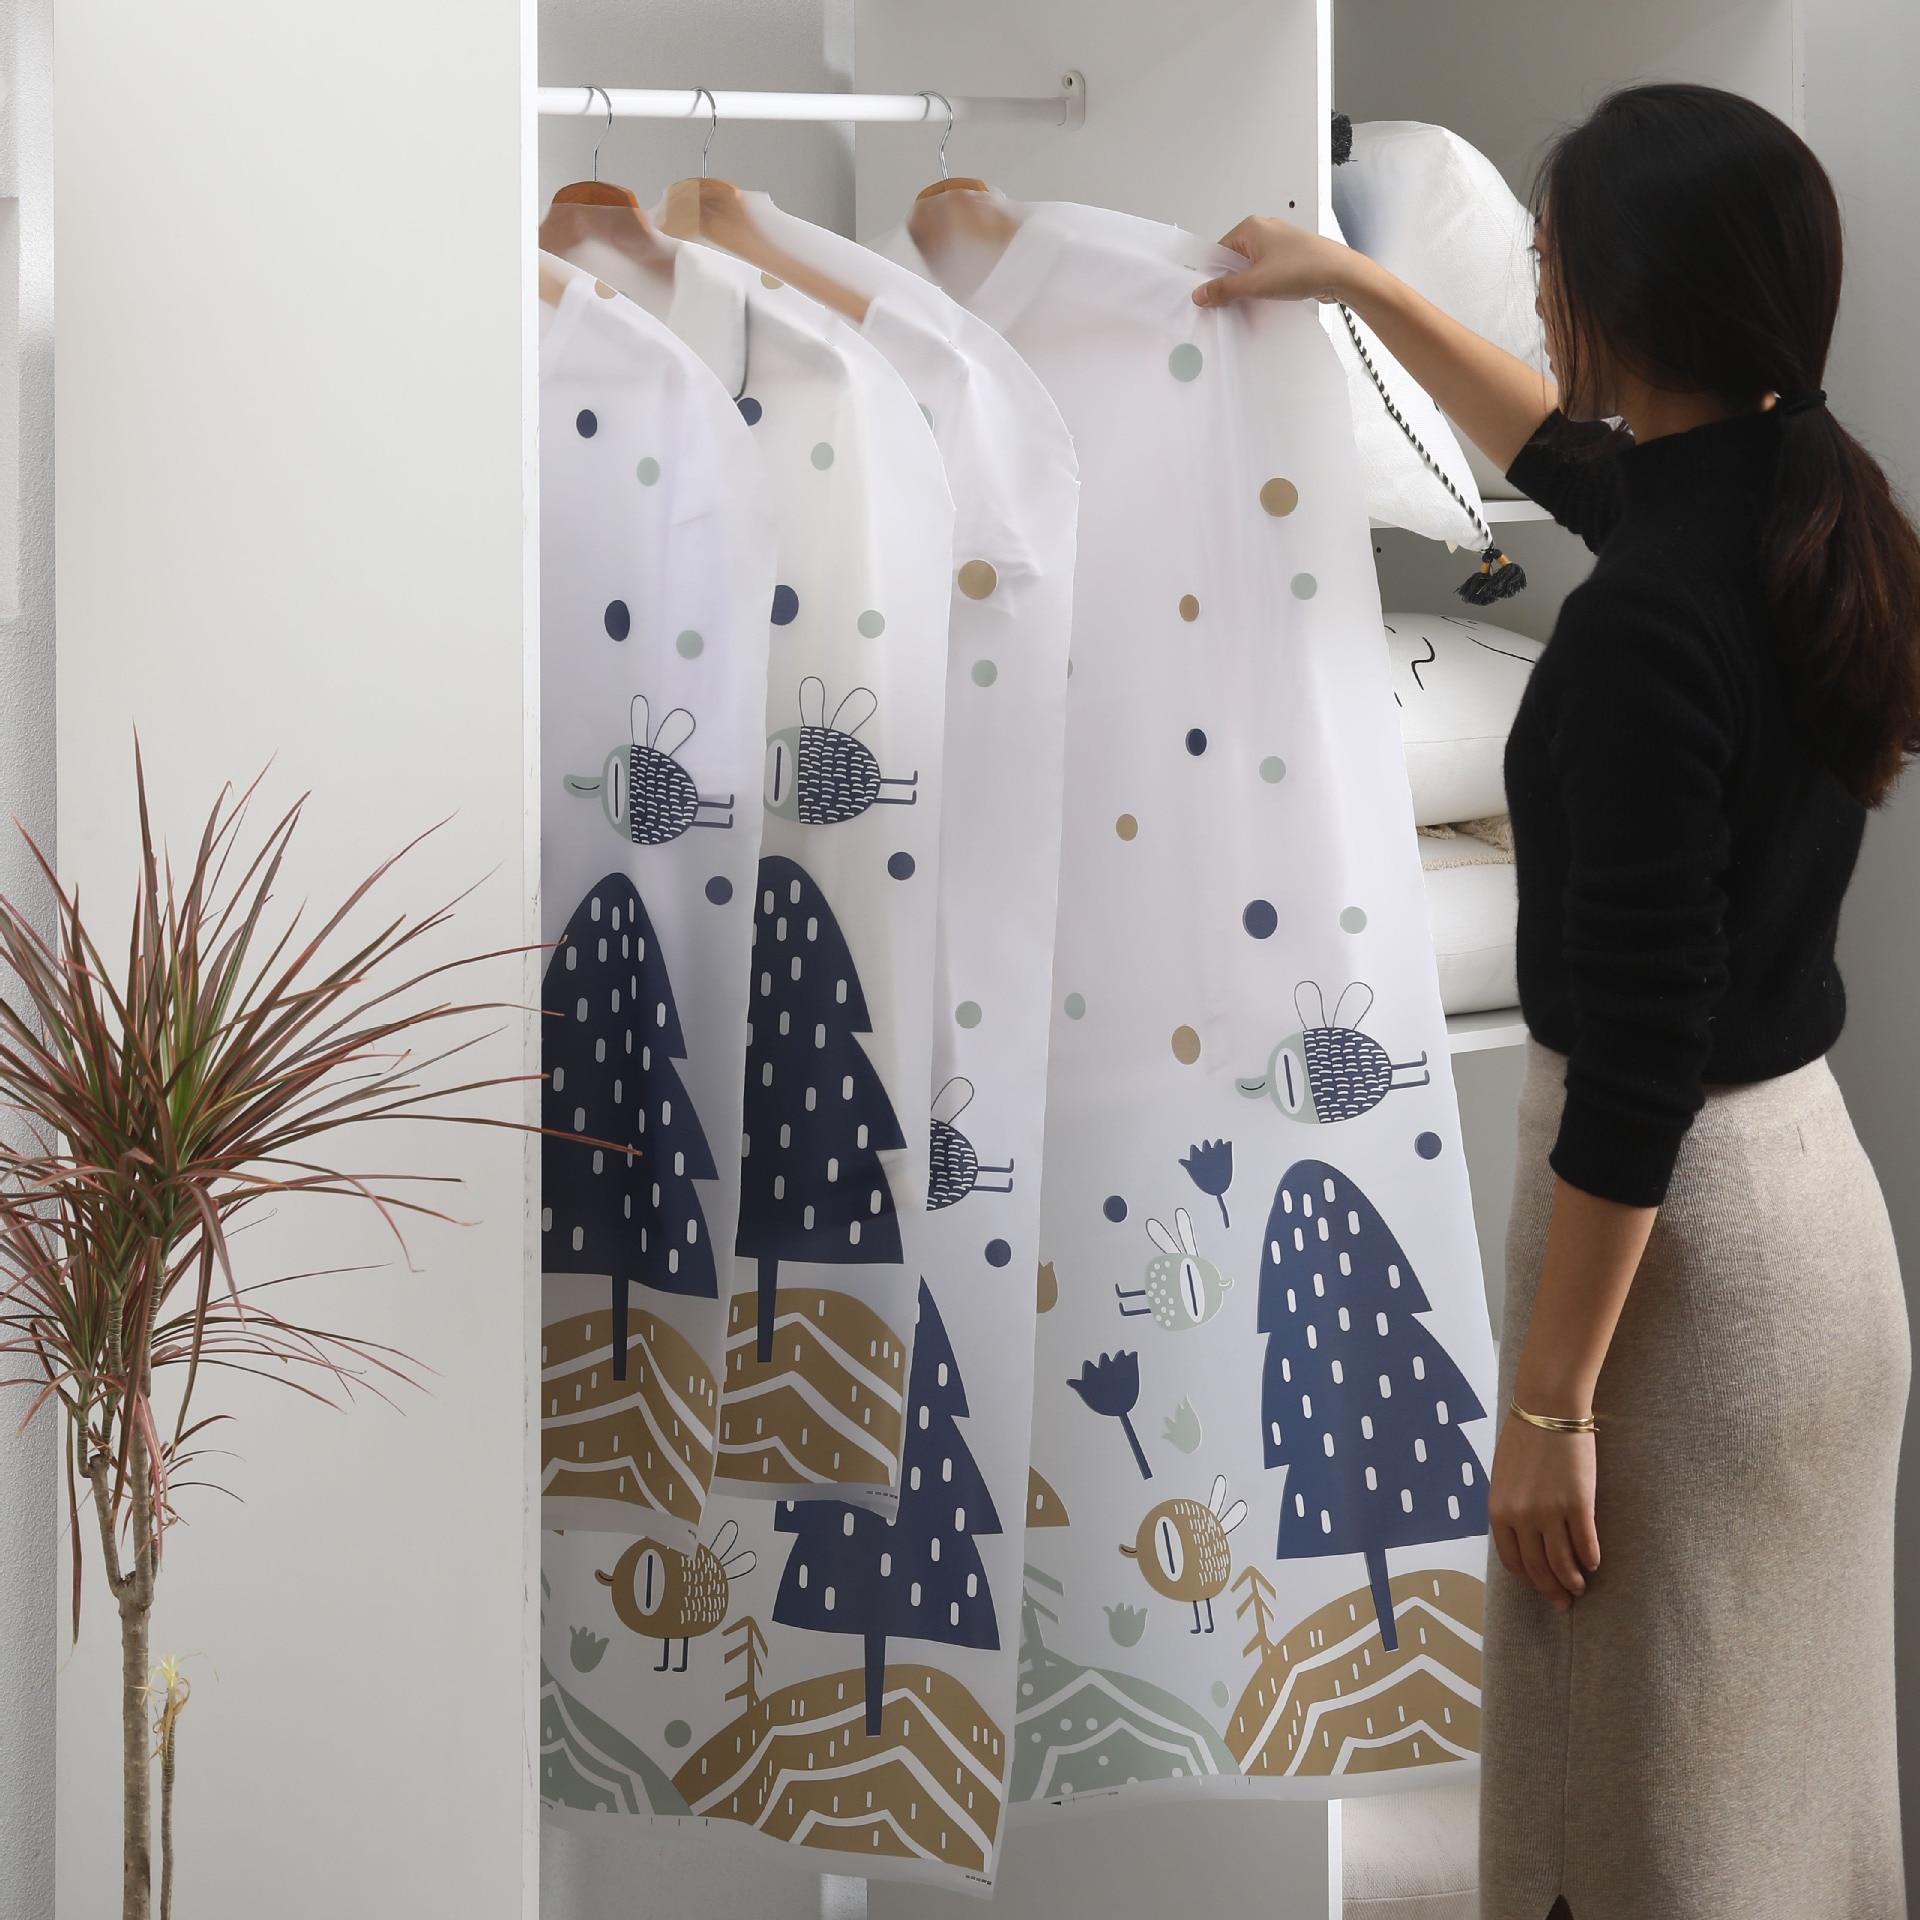 2 ピース/セット PEVA 印刷防水スーツカバーコートのダストカバーの服スーツのダストバッグ -